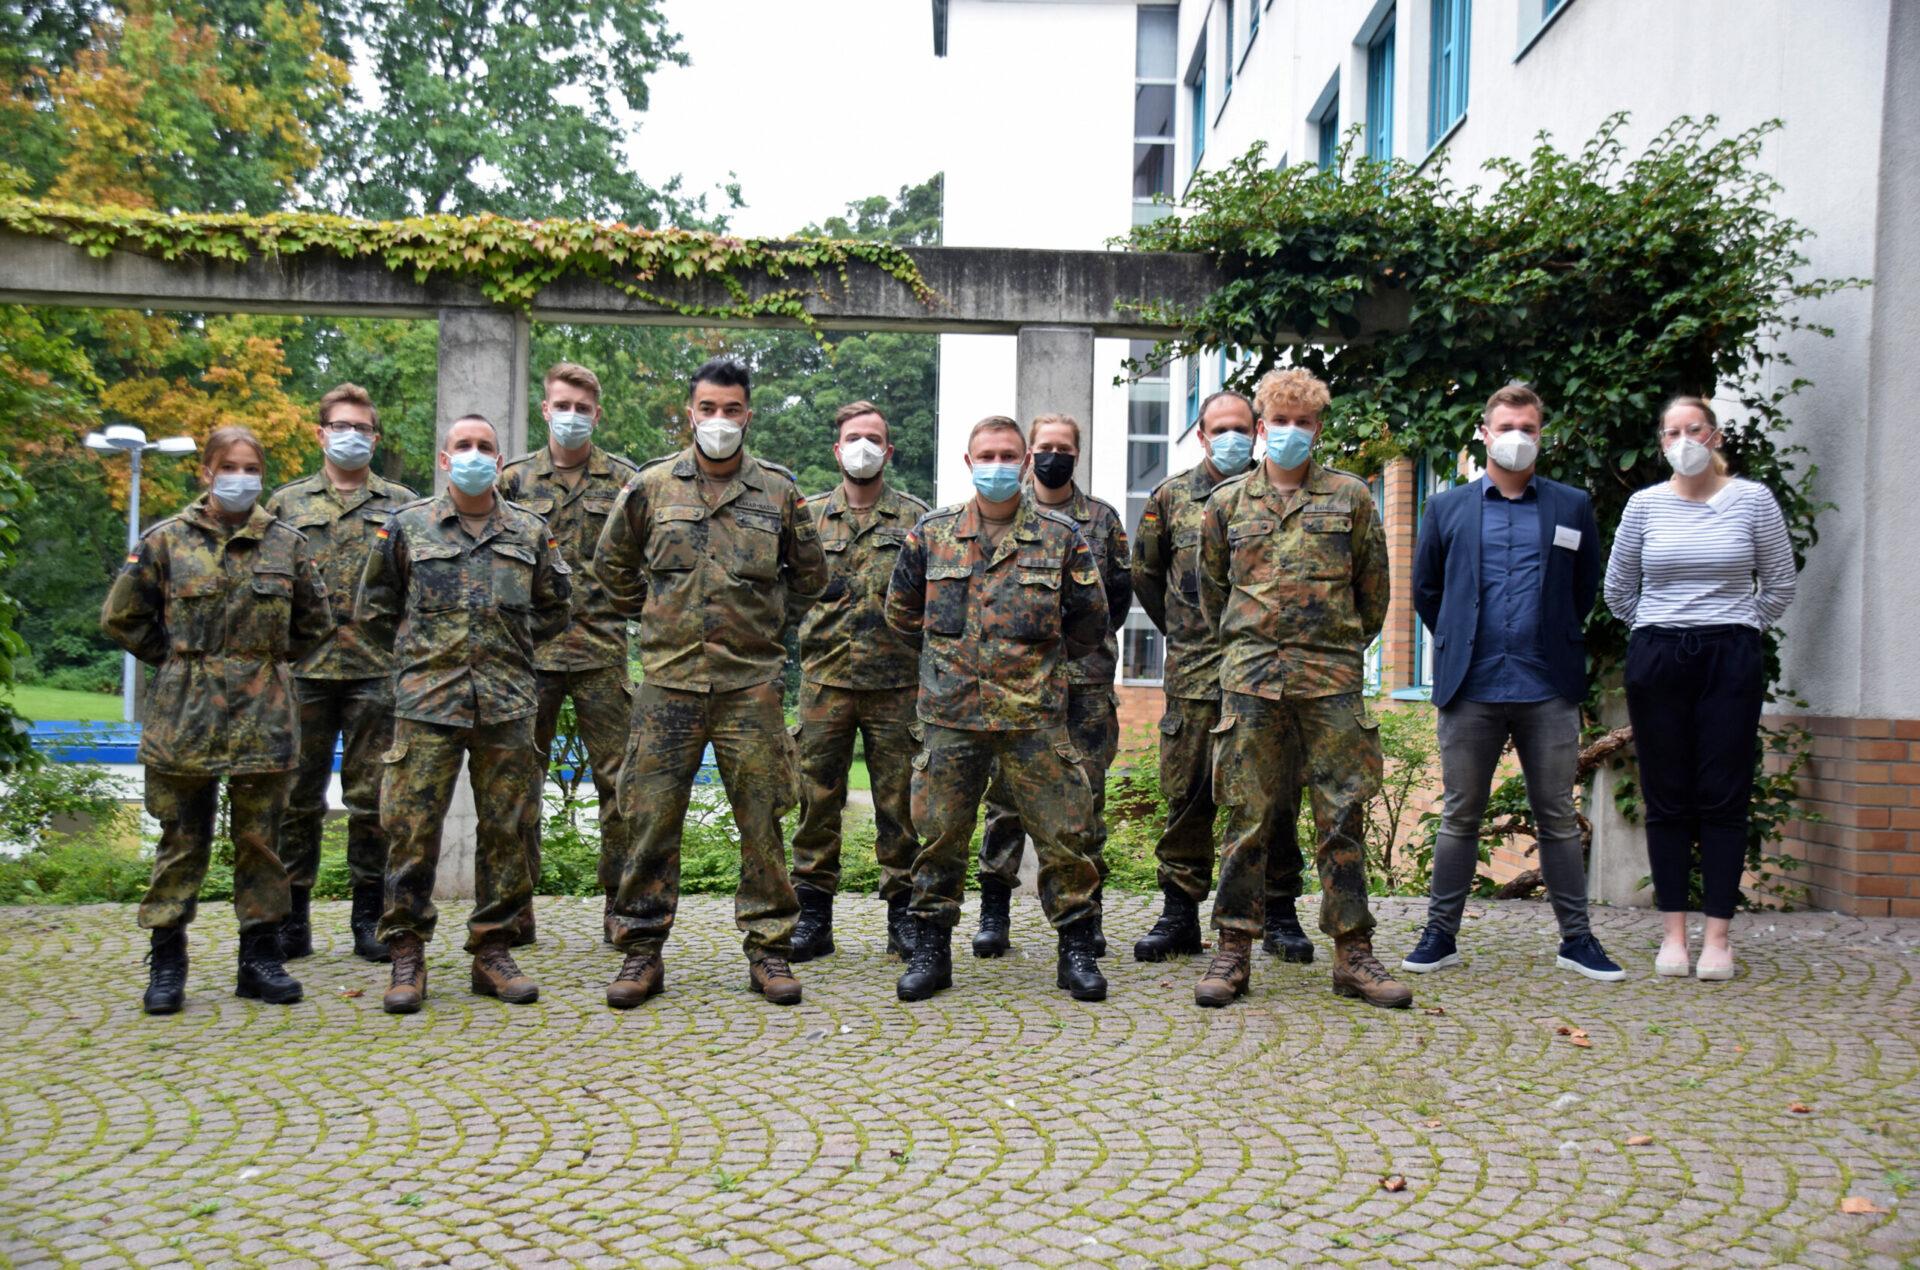 Corona-Pandemie im Kreis Unna – Bundeswehr verstärkt Gesundheitsamt